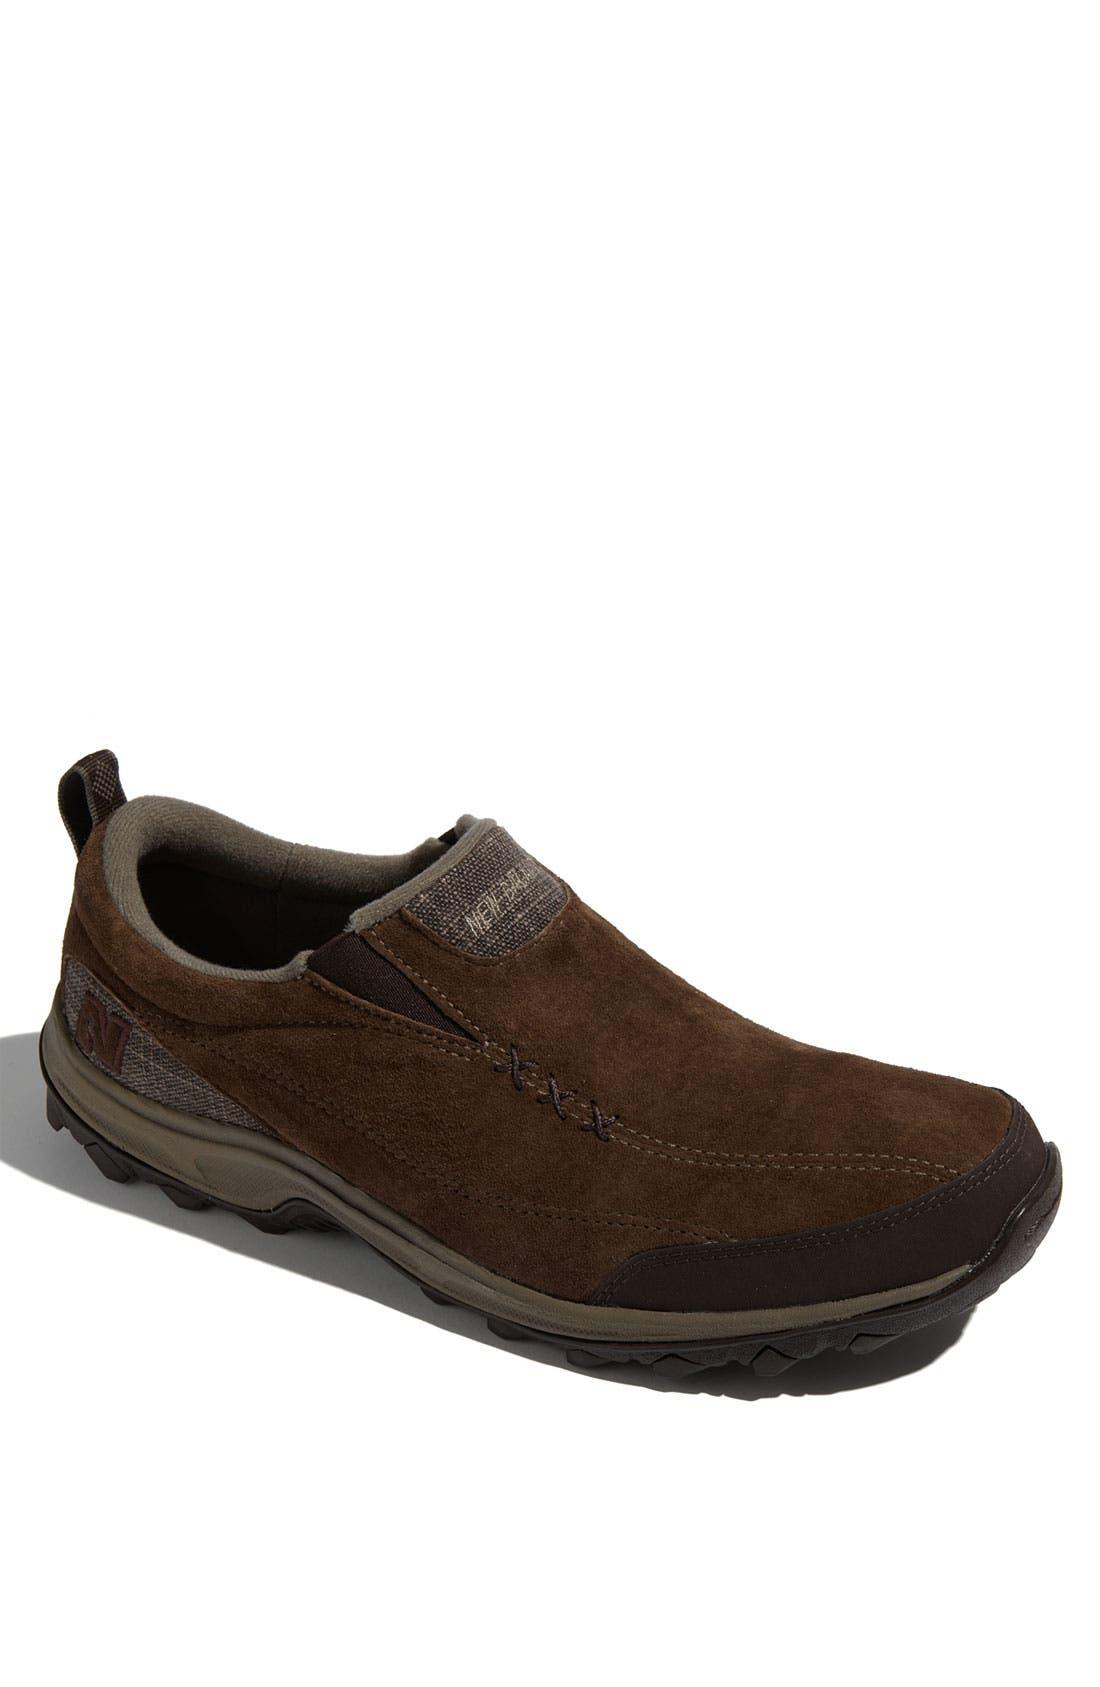 Main Image - New Balance '756' Walking Shoe (Men) (Online Only)